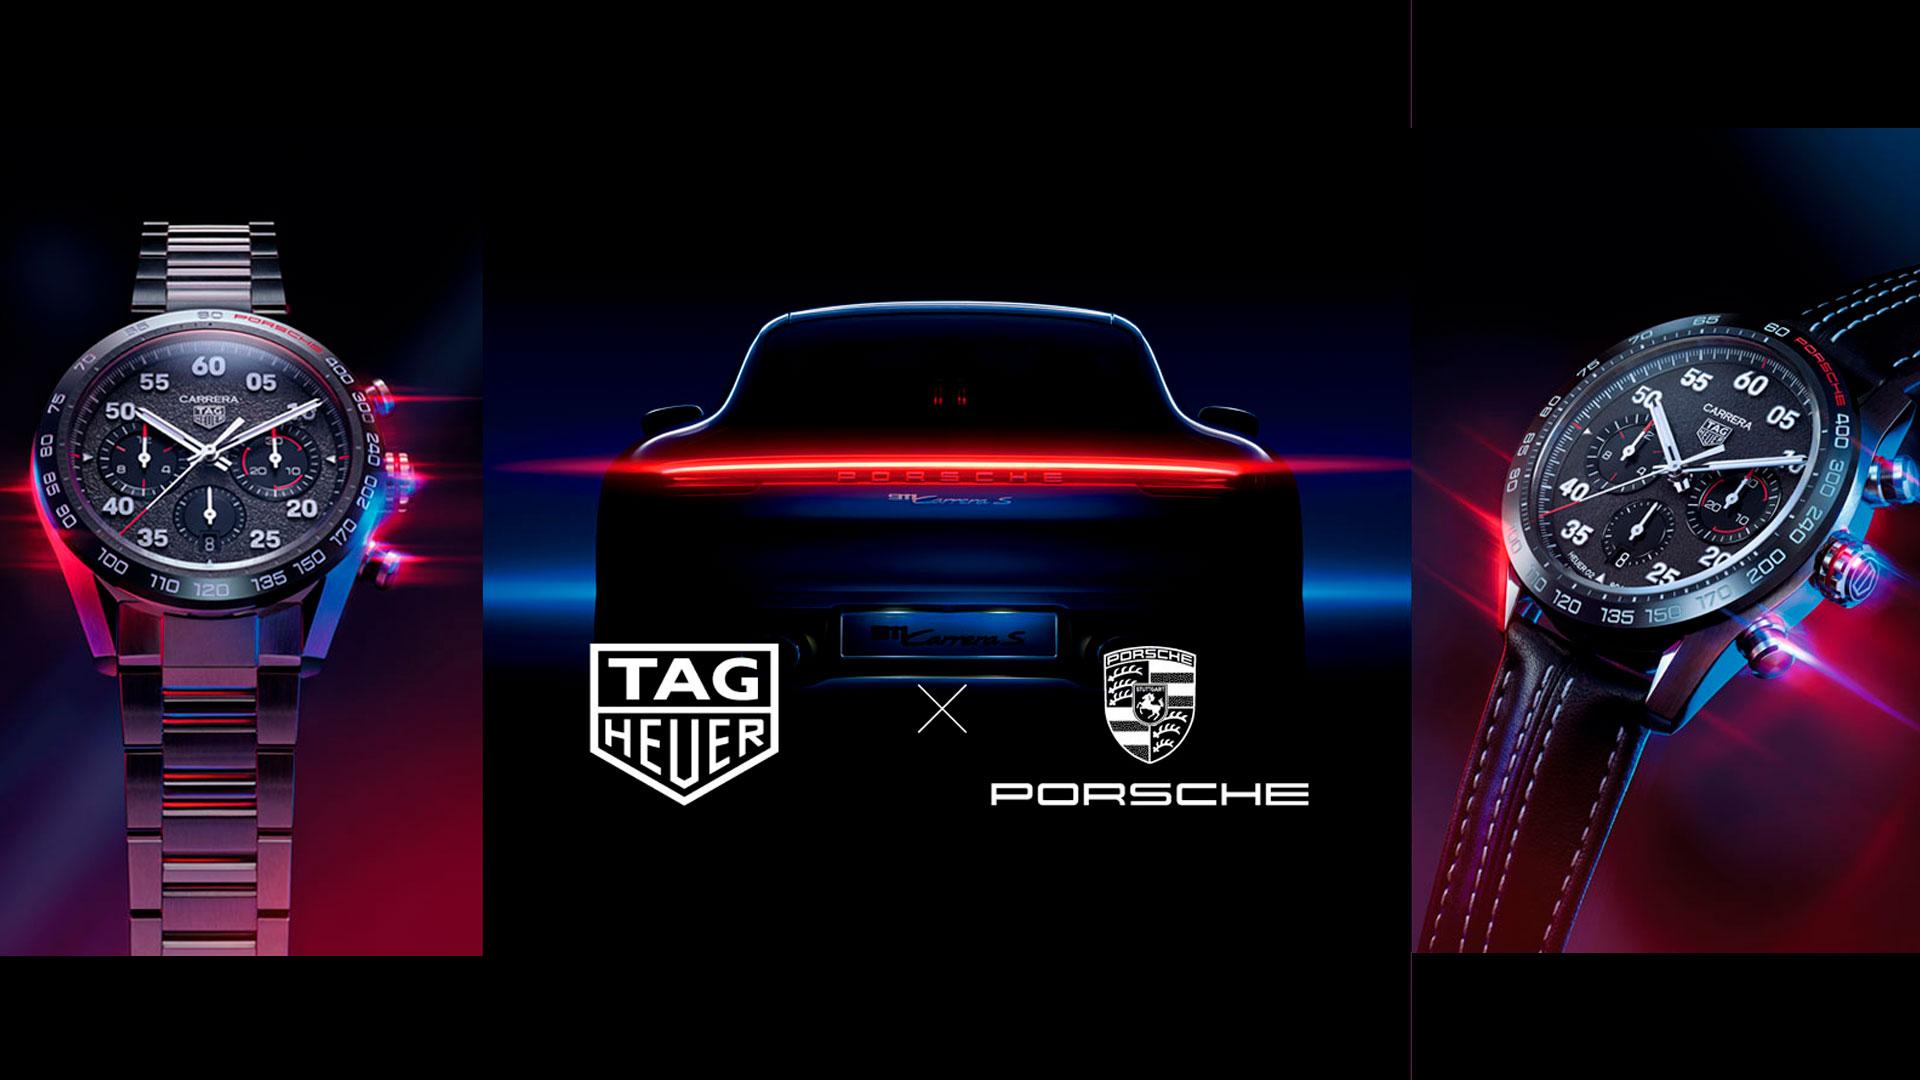 Nuevo TAG Heuer Porsche. La Unión De Dos Iconos Del Diseño, La Calidad y La Innovación